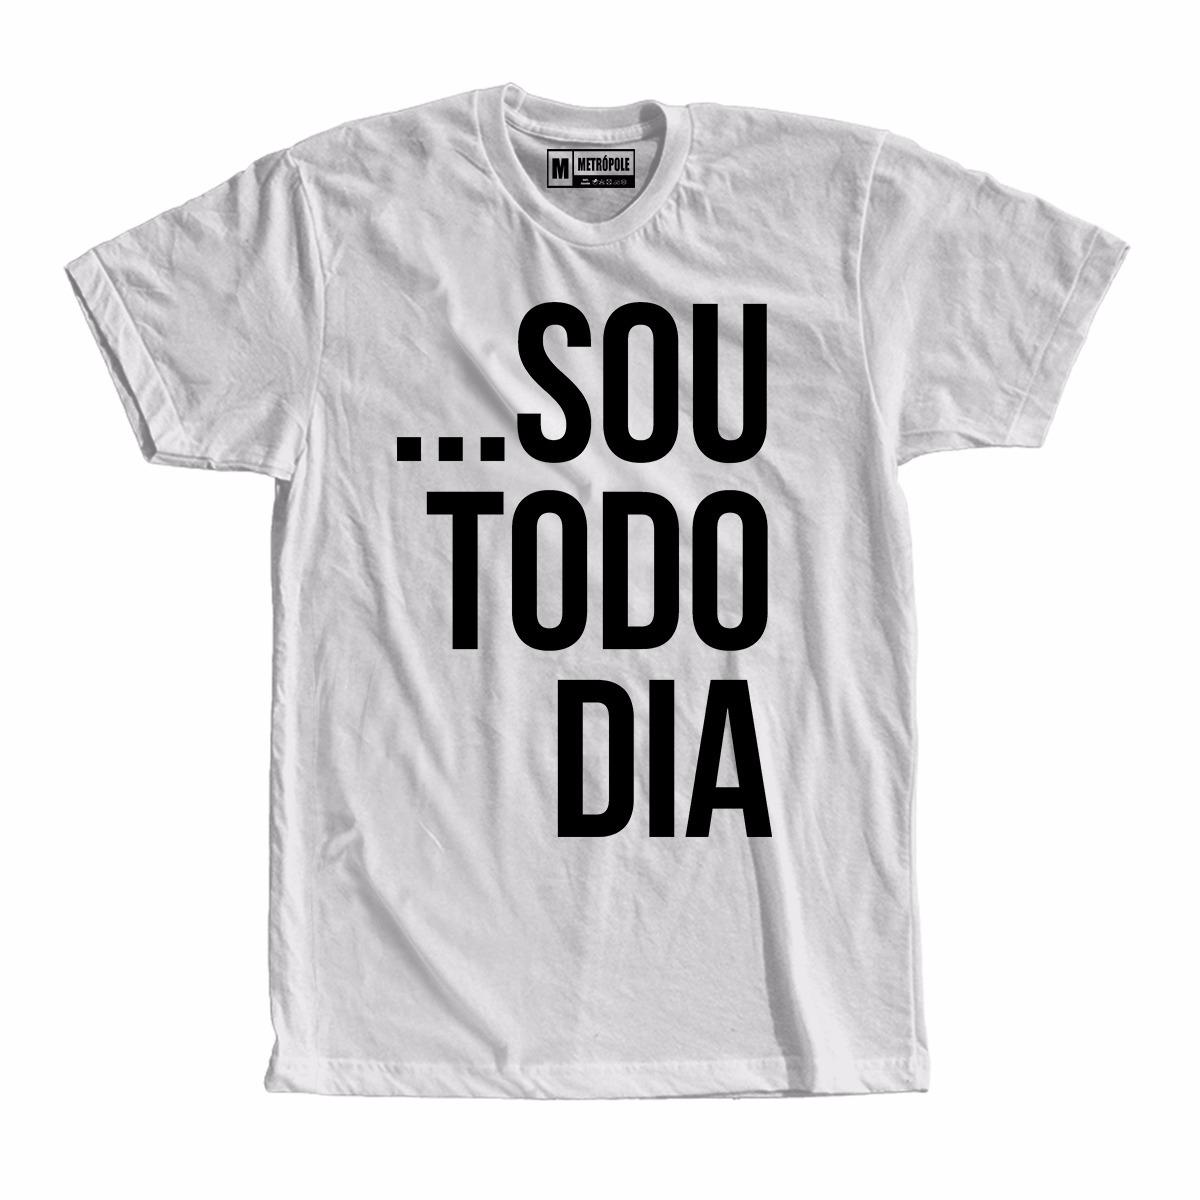 Camiseta Camisa Sou Todo Dia Pablo Vittar Roupas Femininas - R  37 ... 8572b0f4635aa